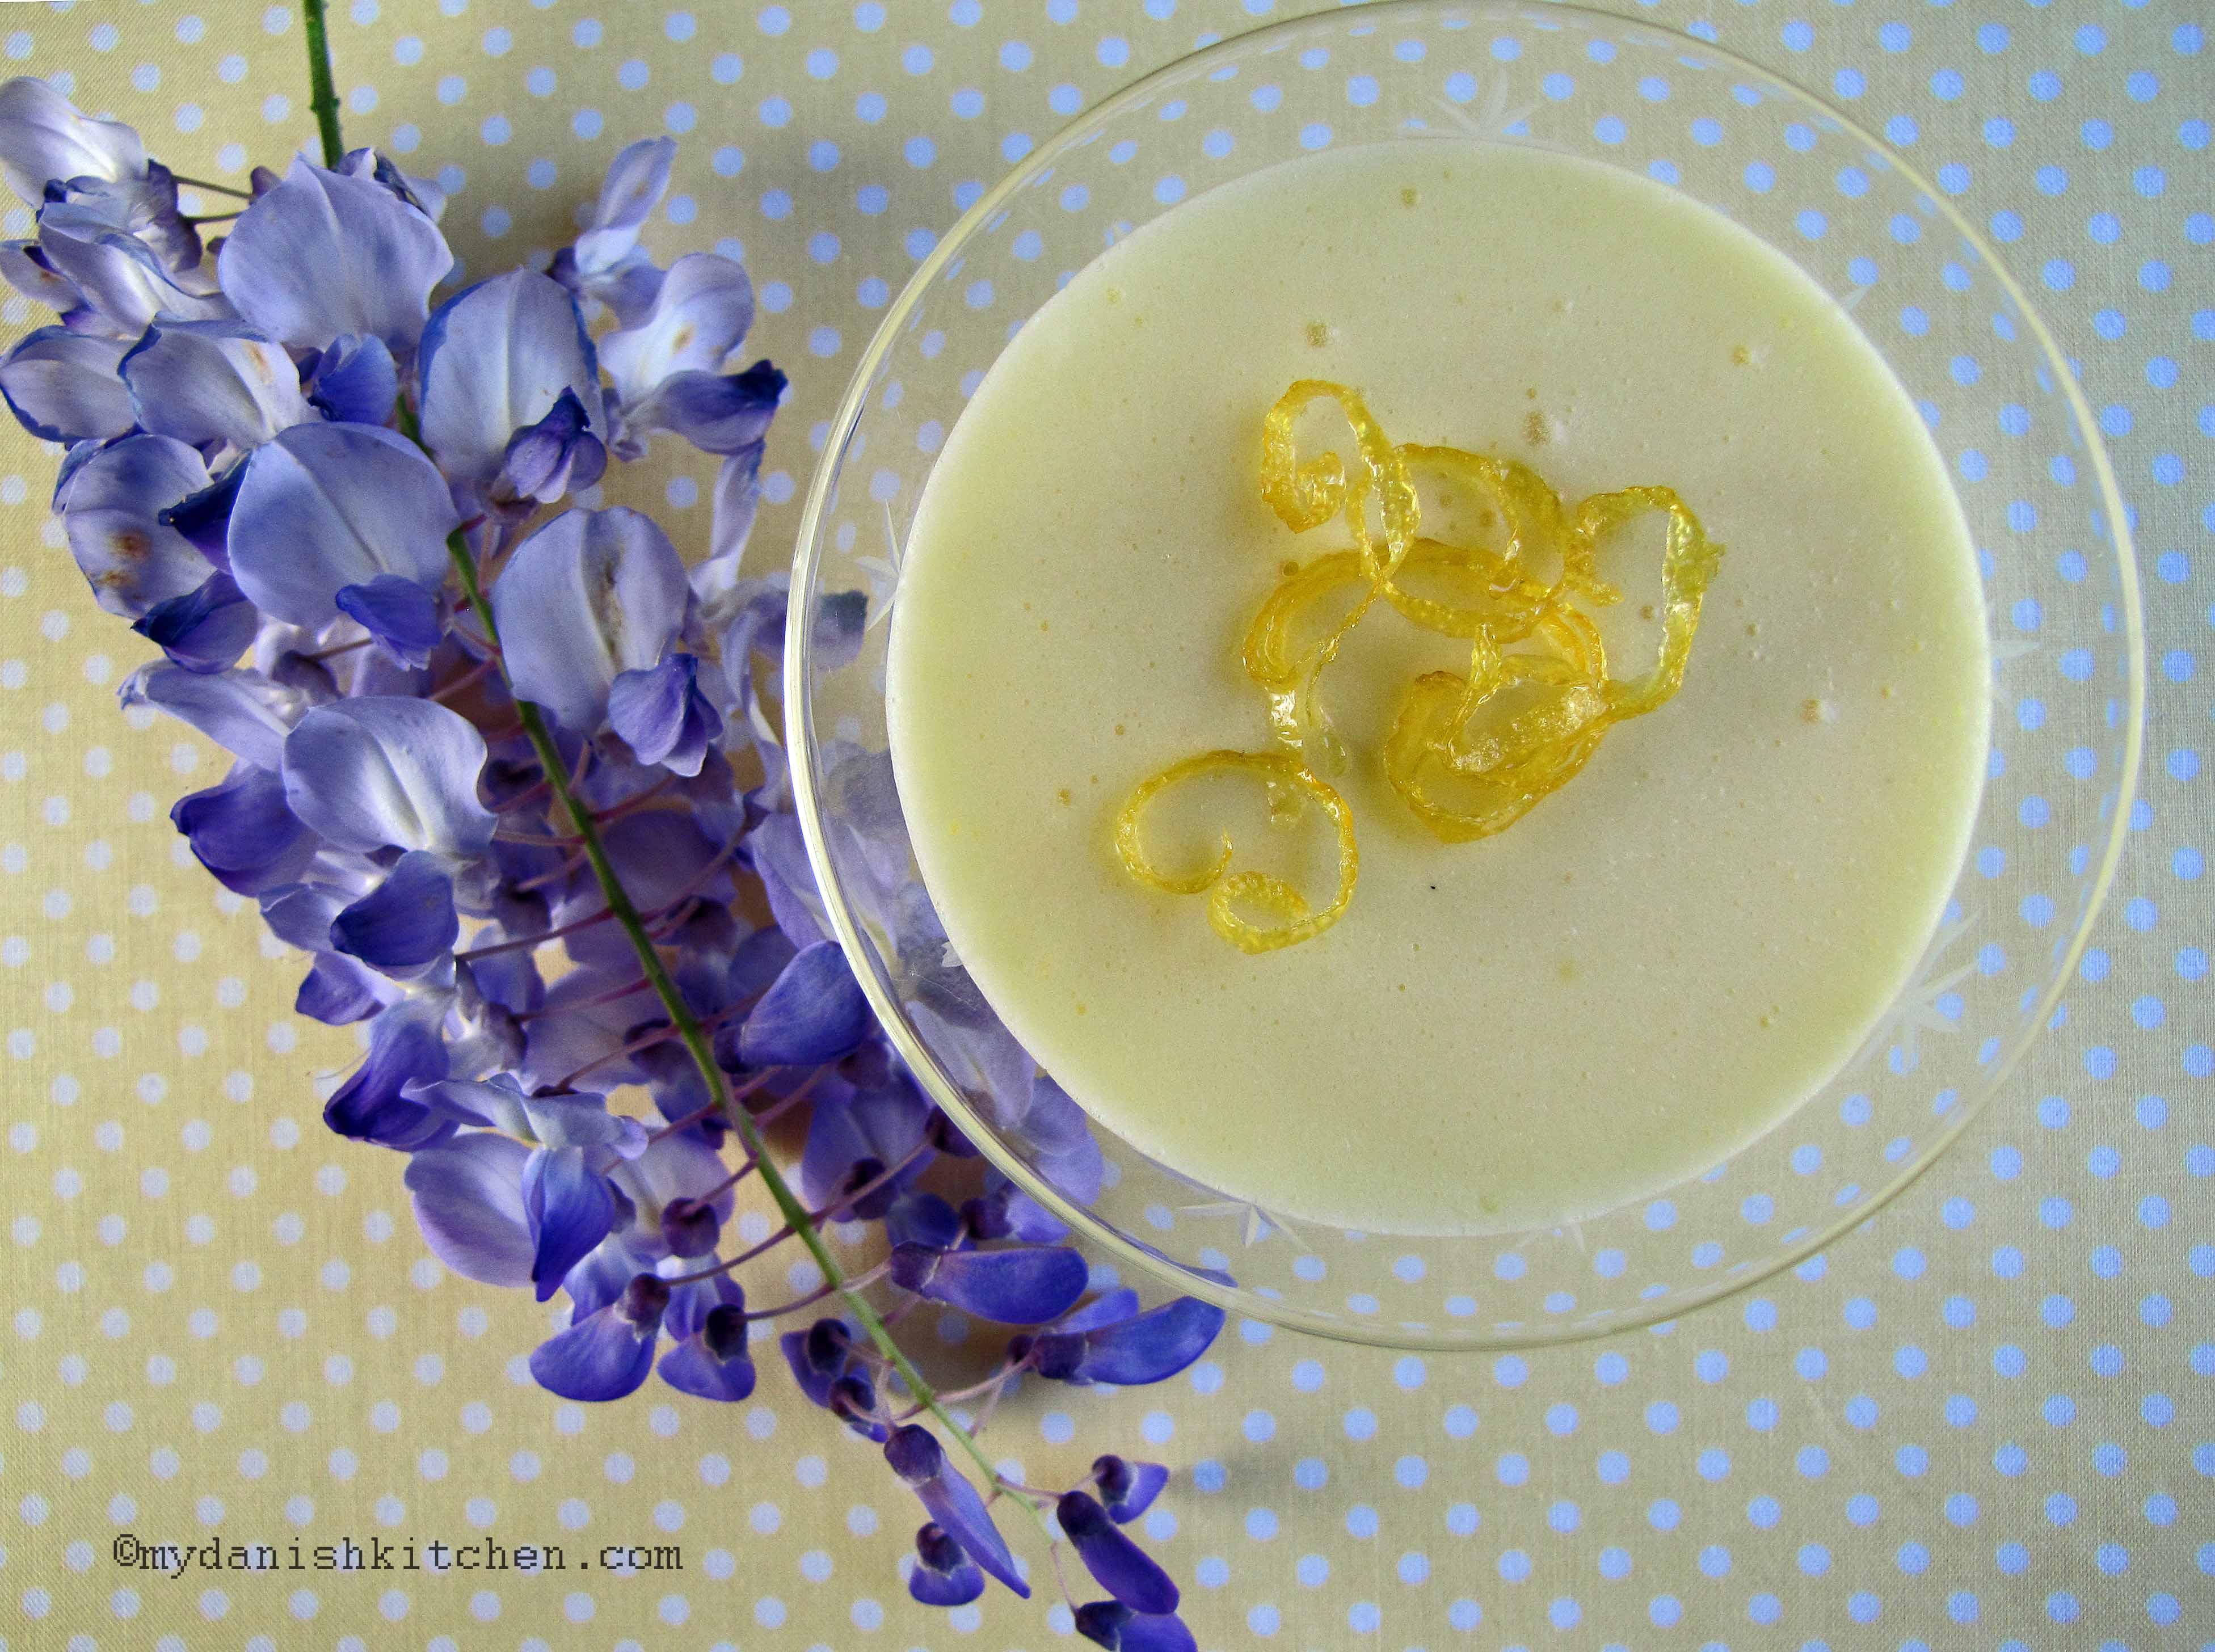 Citronfromage uden sukker dating